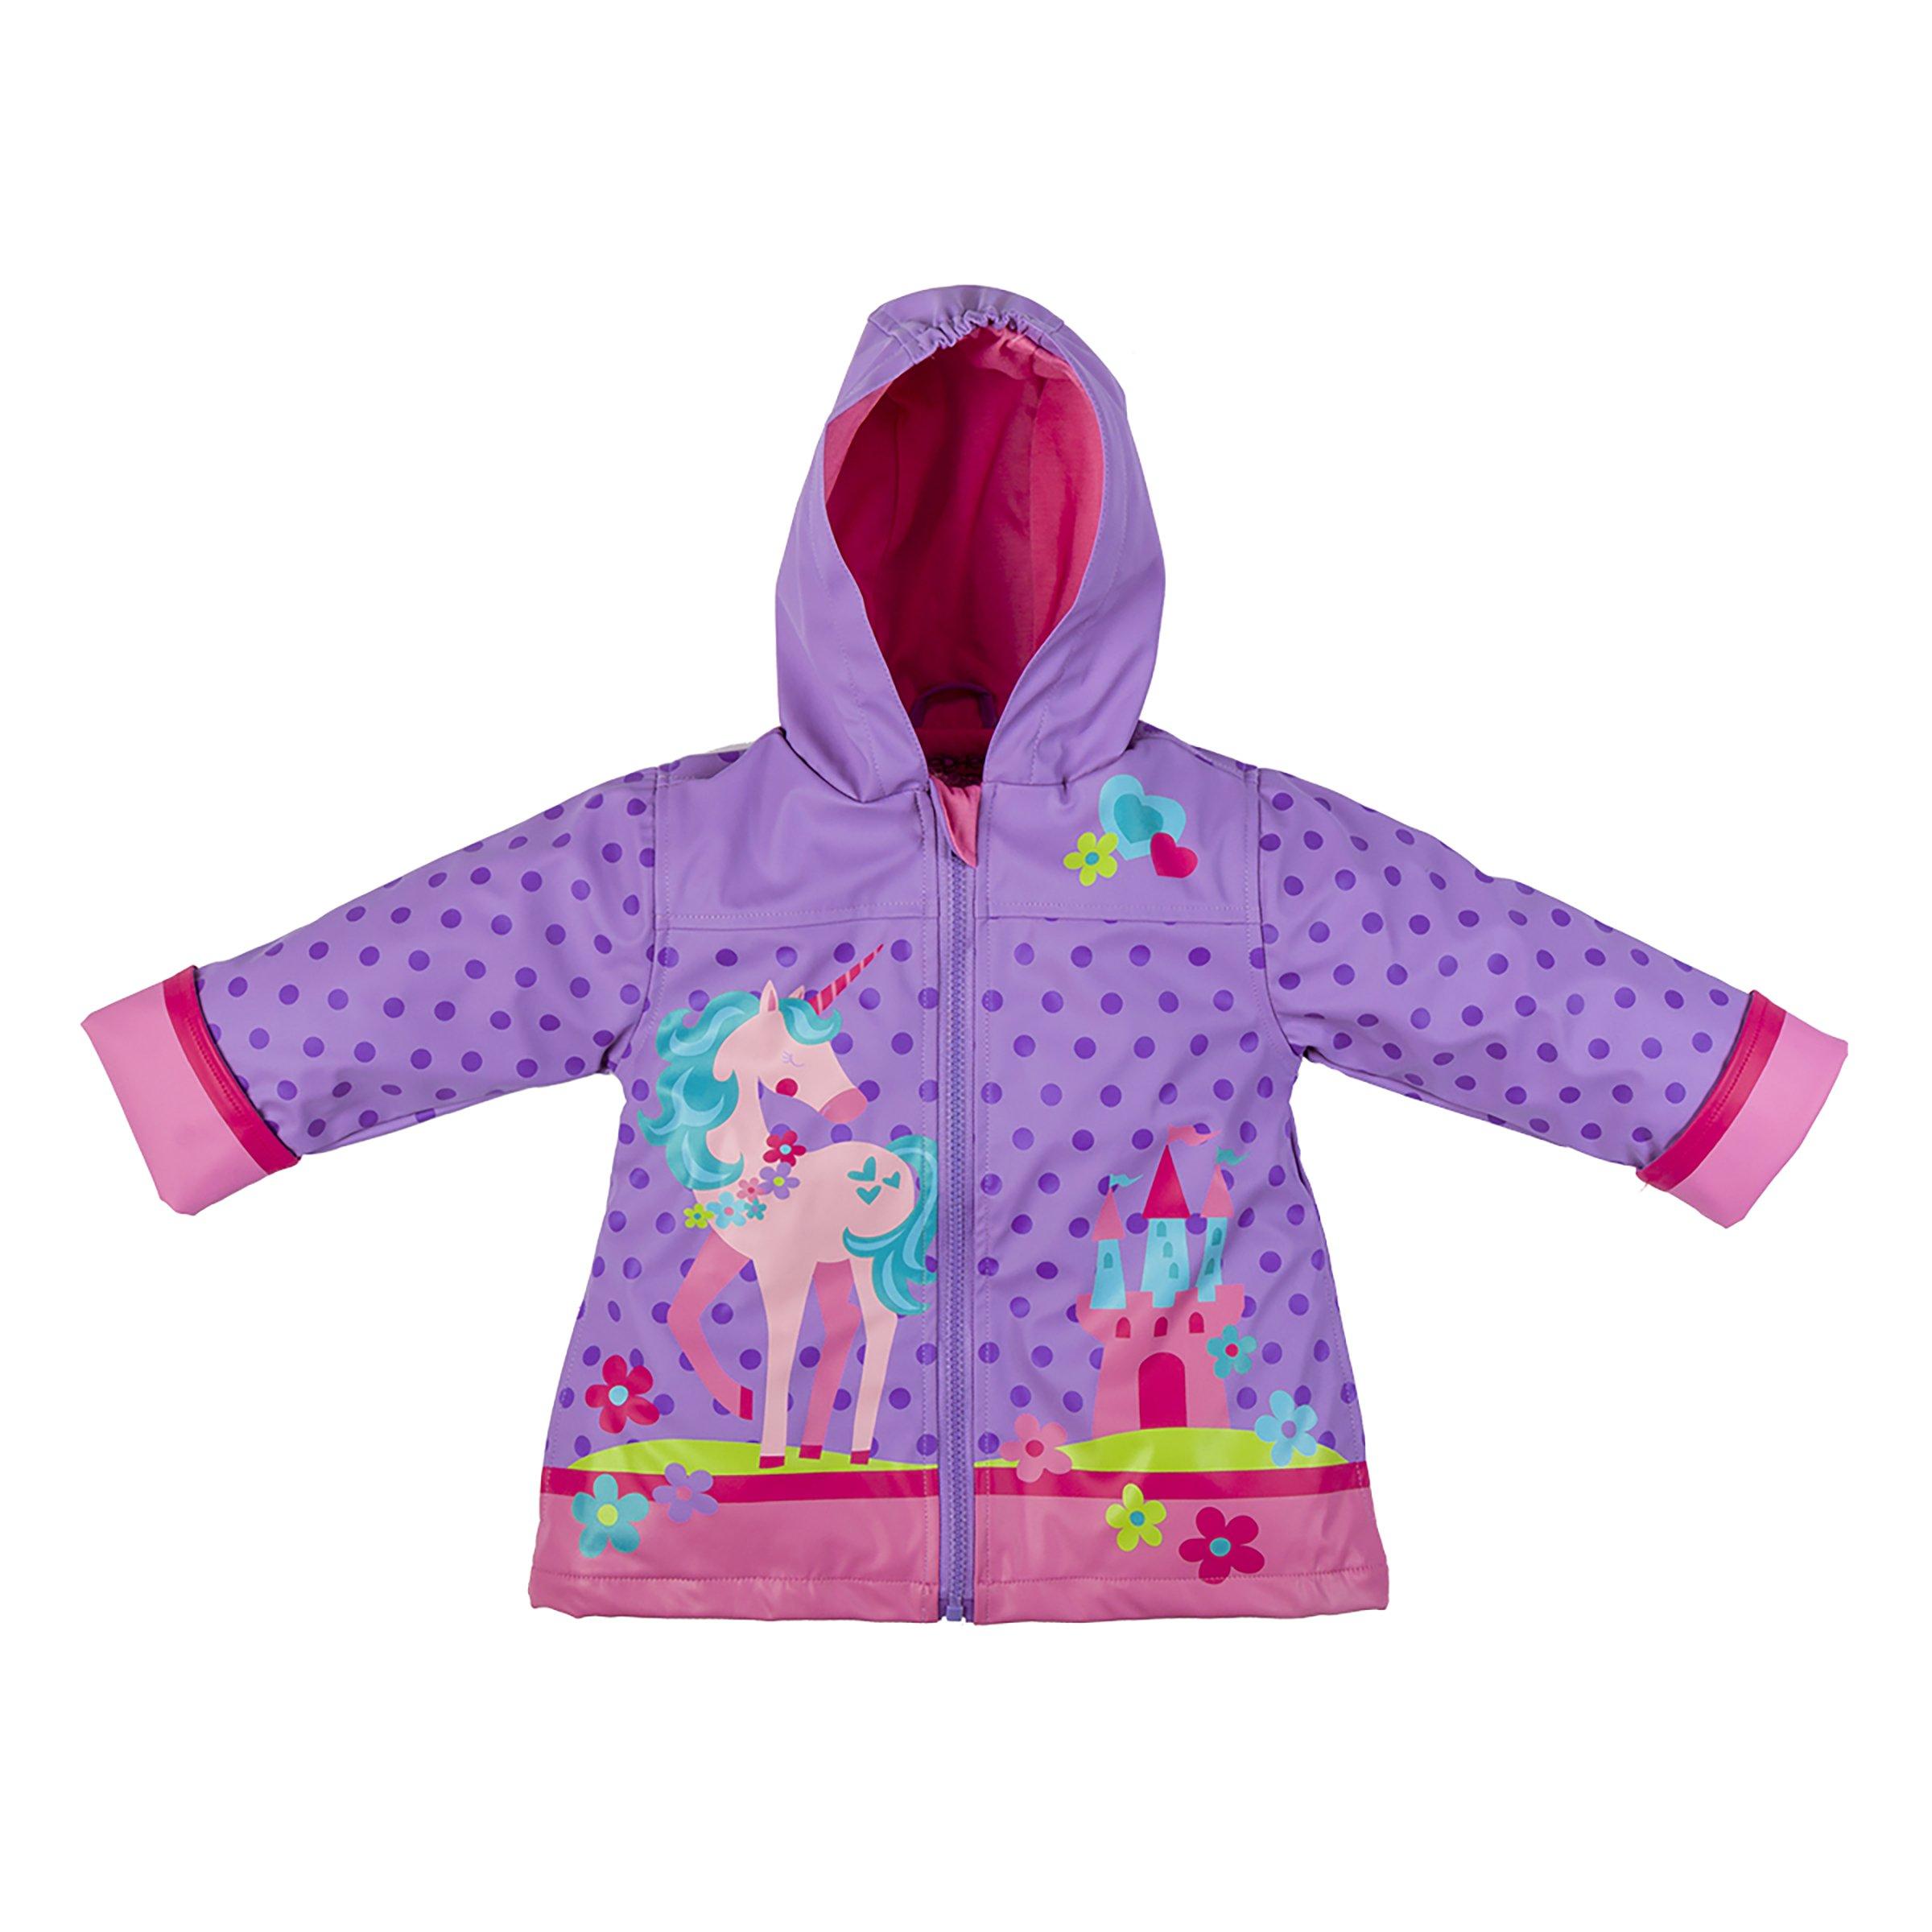 Stephen Joseph Rain Coat, Unicorn, 5/6